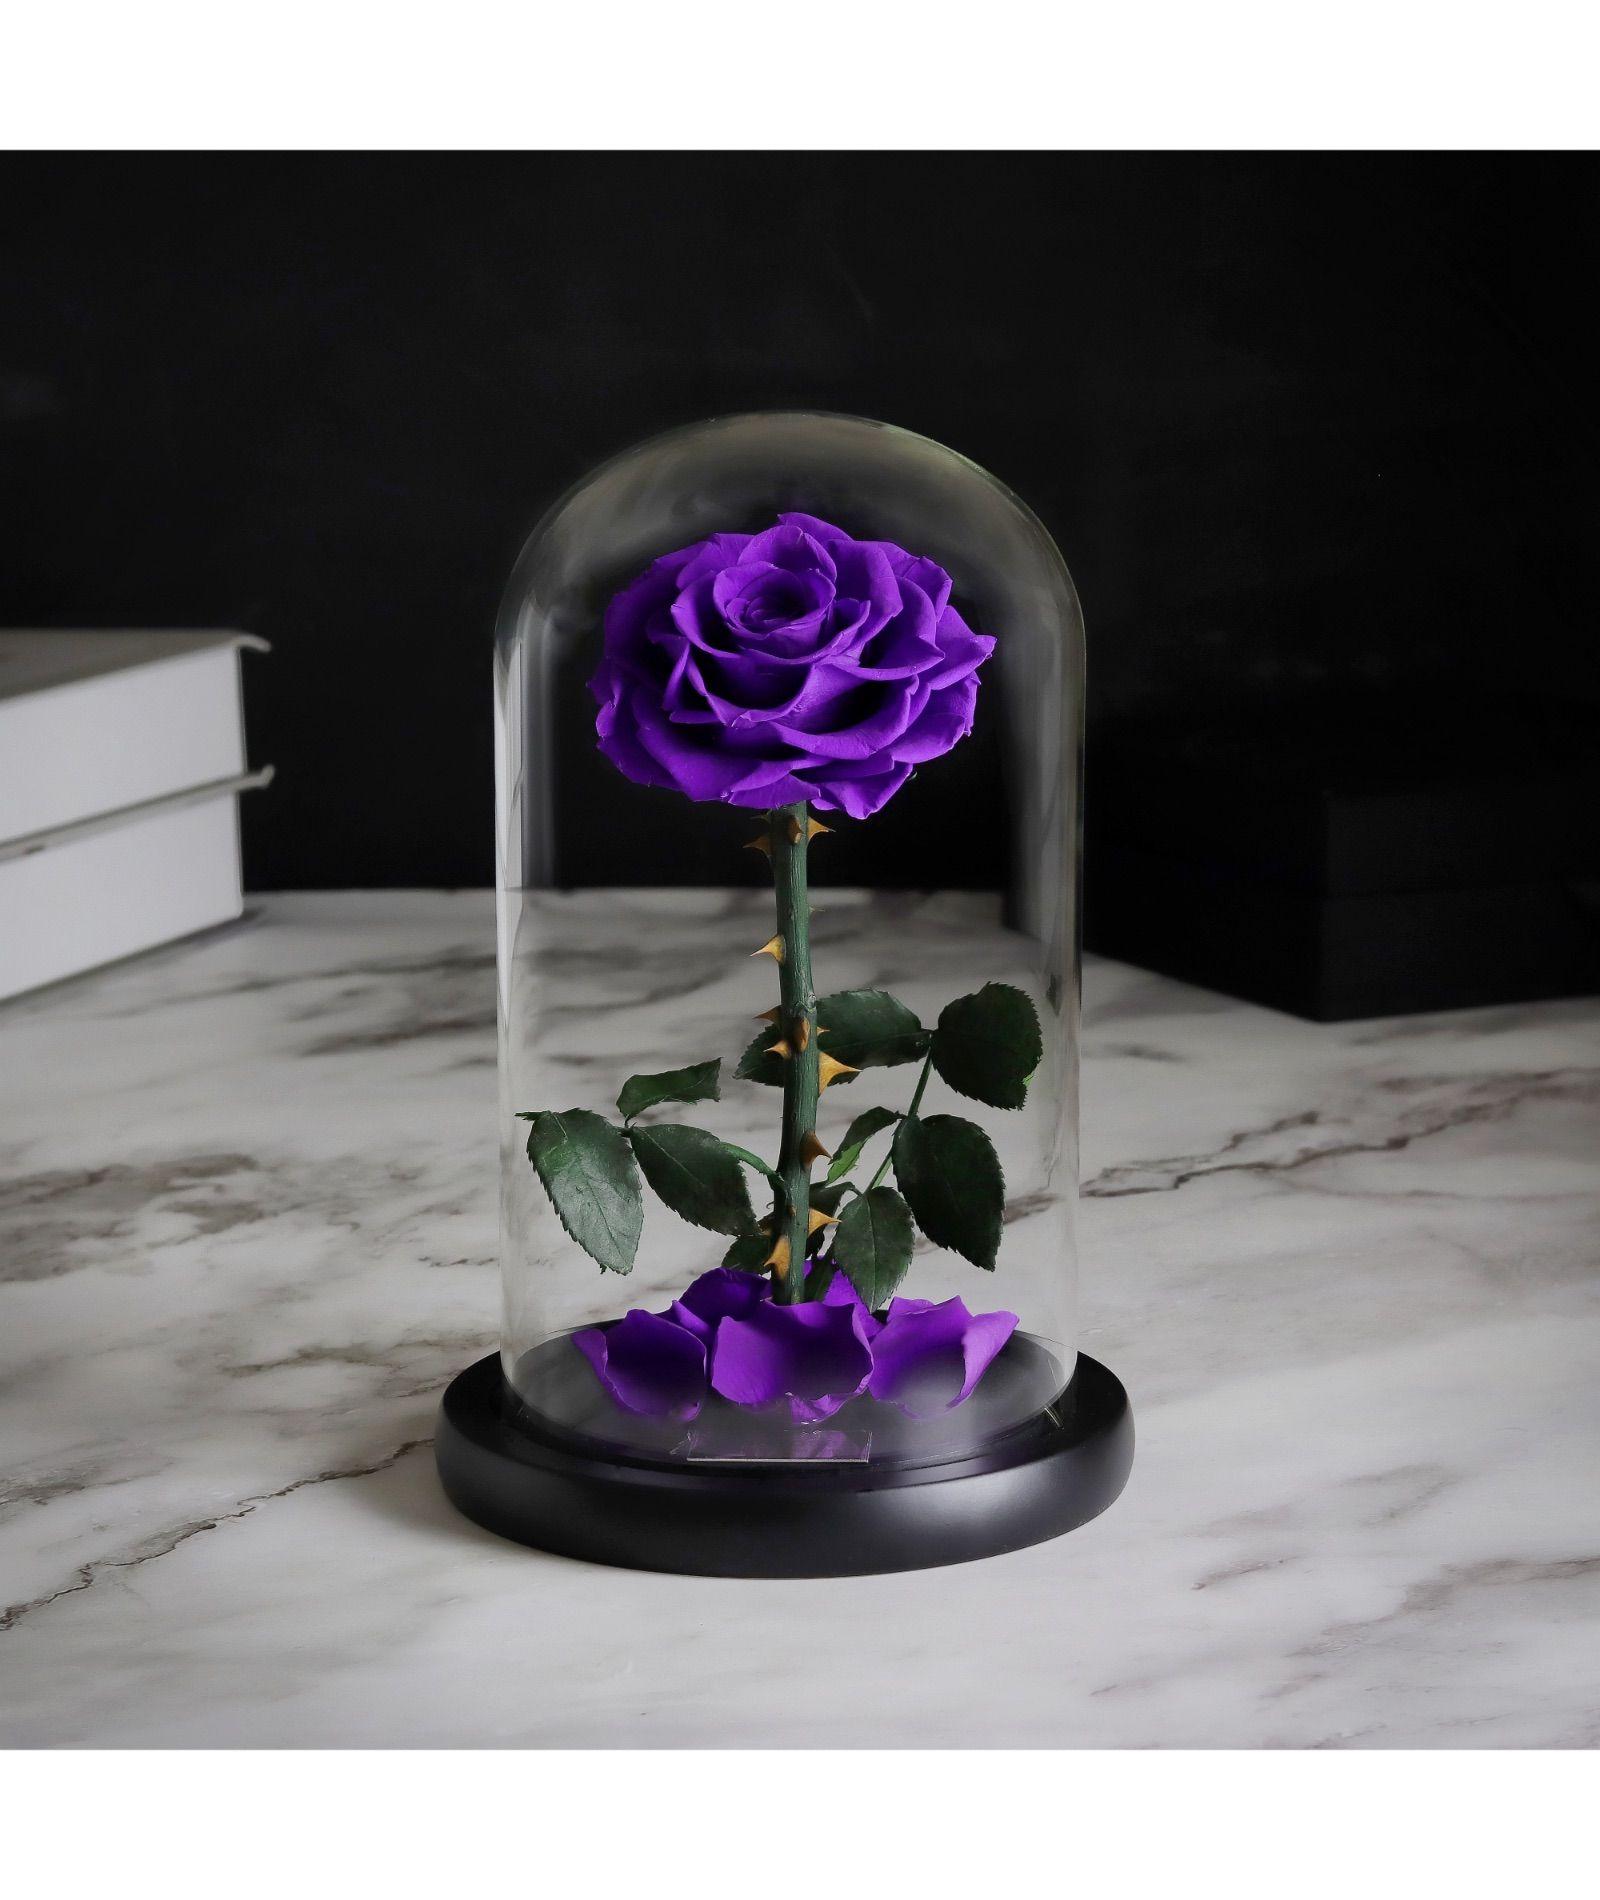 فازة ورد ايلوبا روزز طبيعي دائم يعيش لمدة سنة Vase Glass Vase Glass